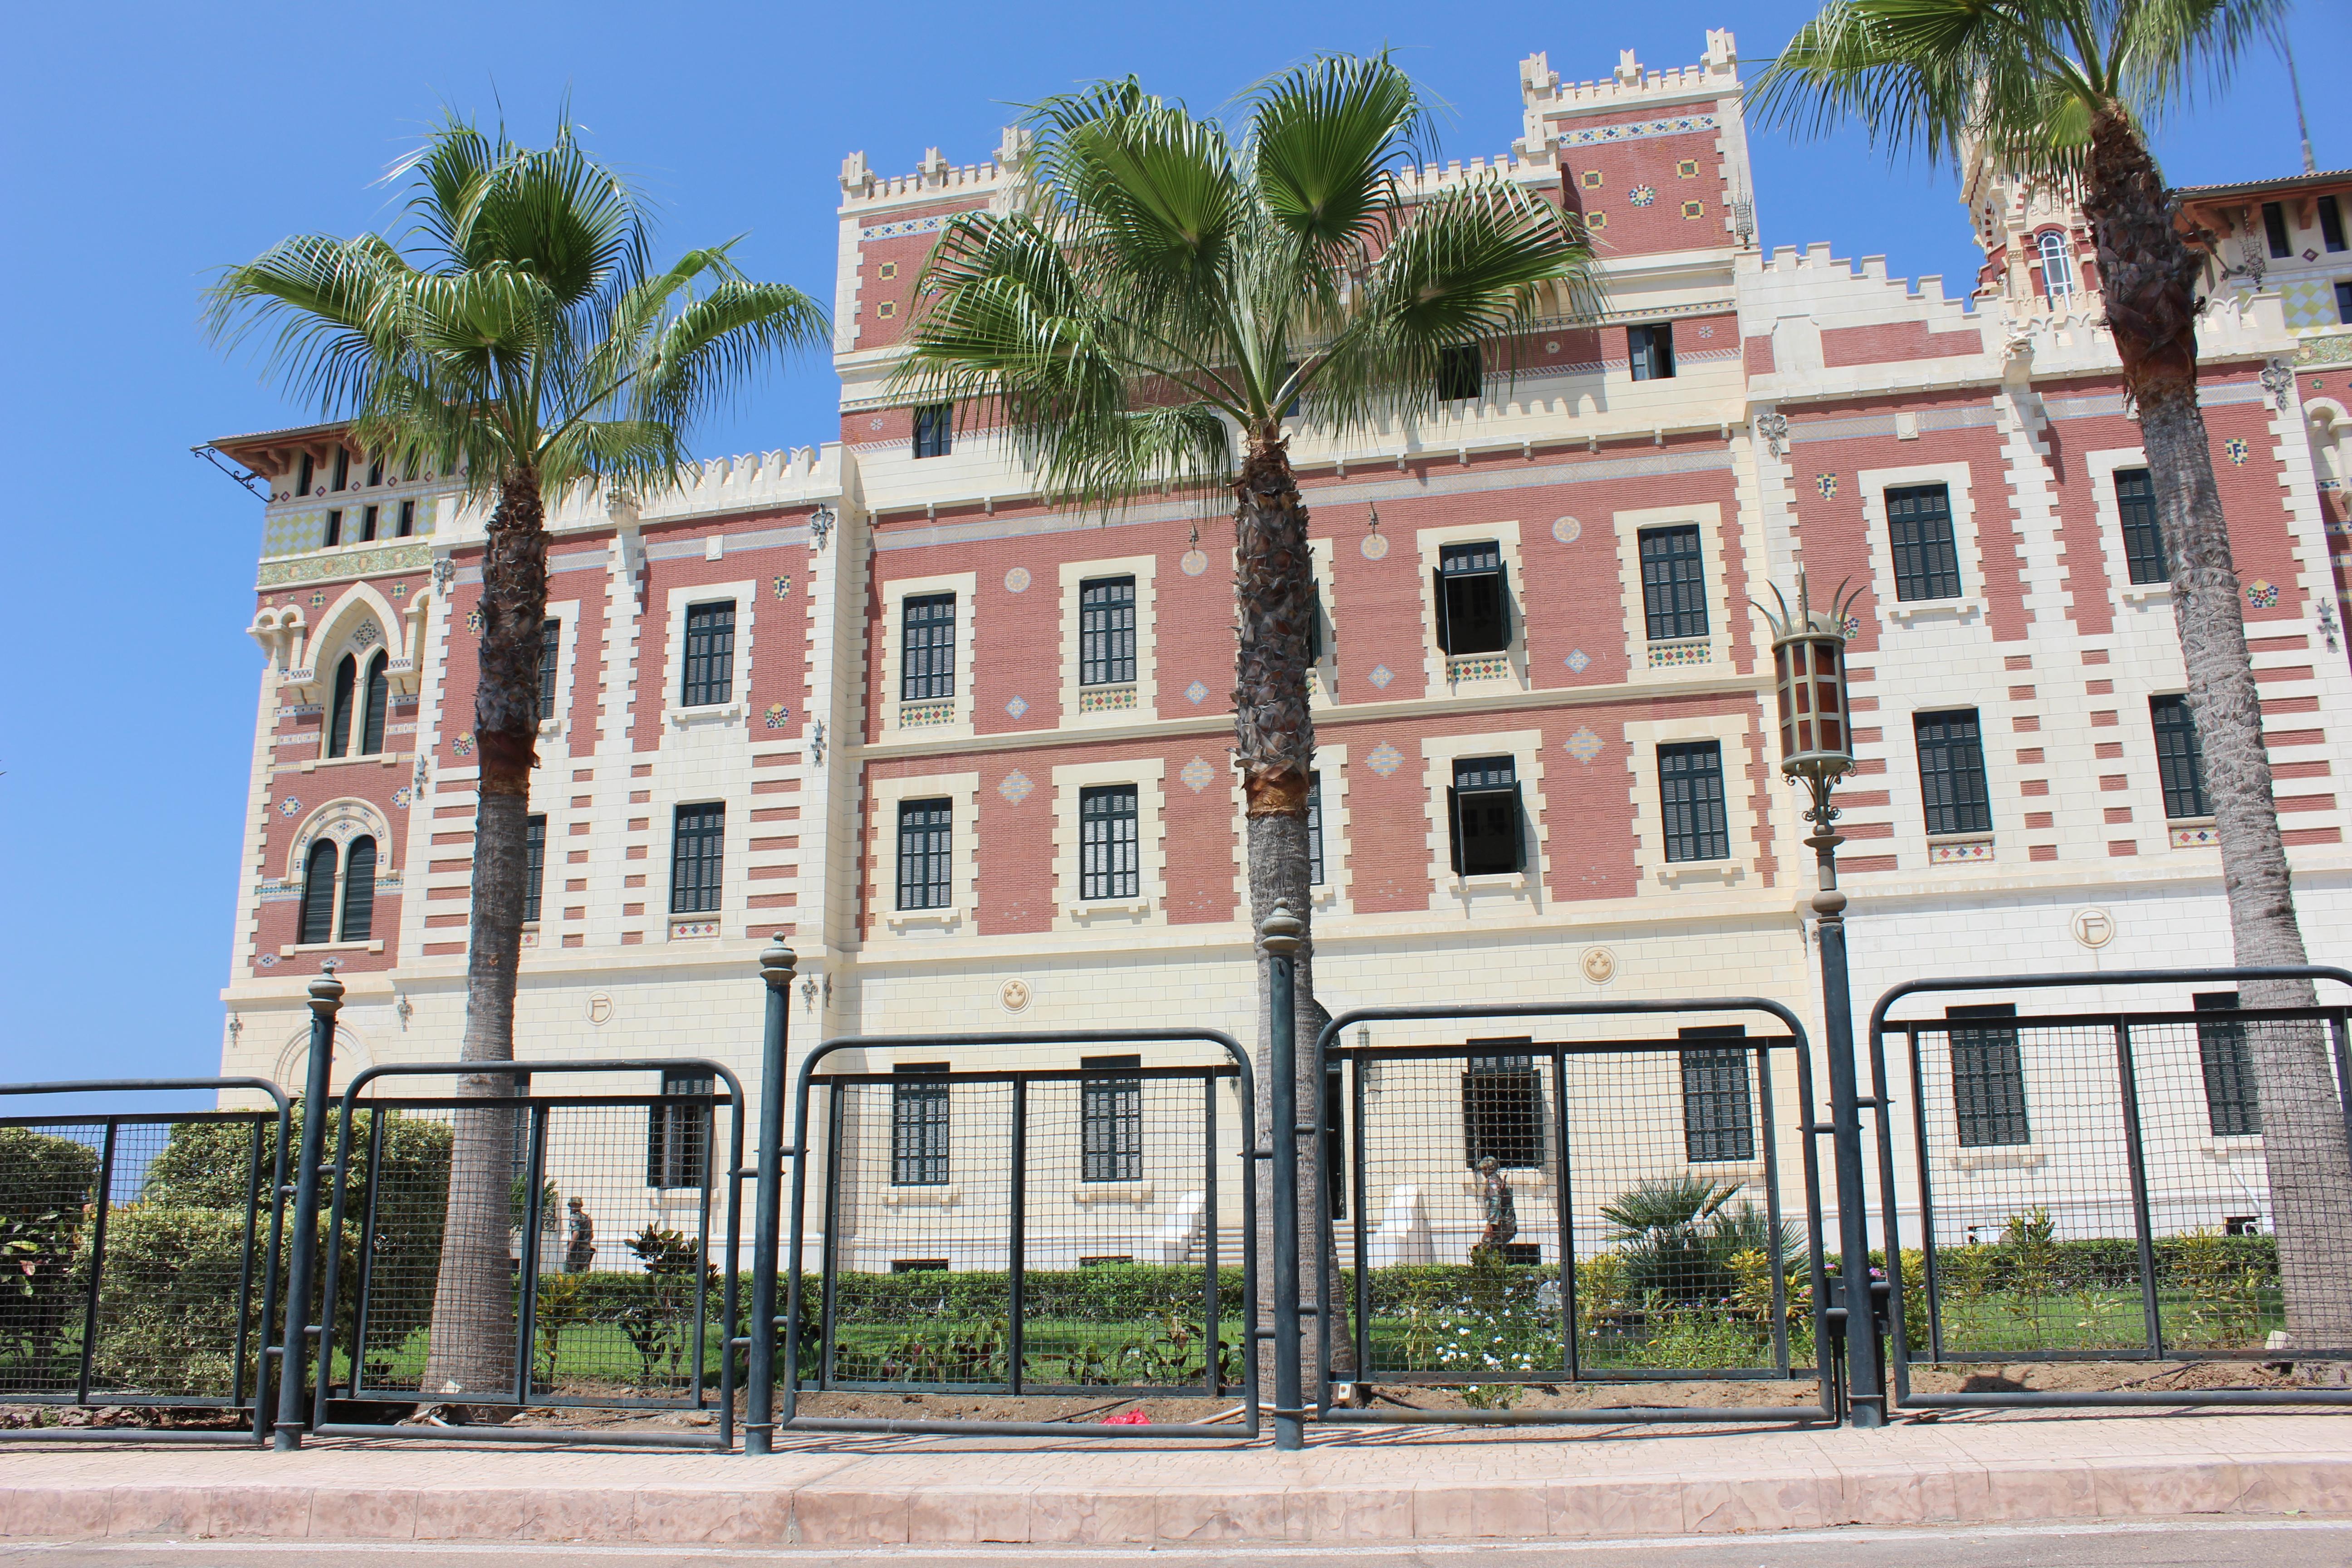 d632ec583 ملف:Alexandria University 002.JPG - ويكيبيديا، الموسوعة الحرة